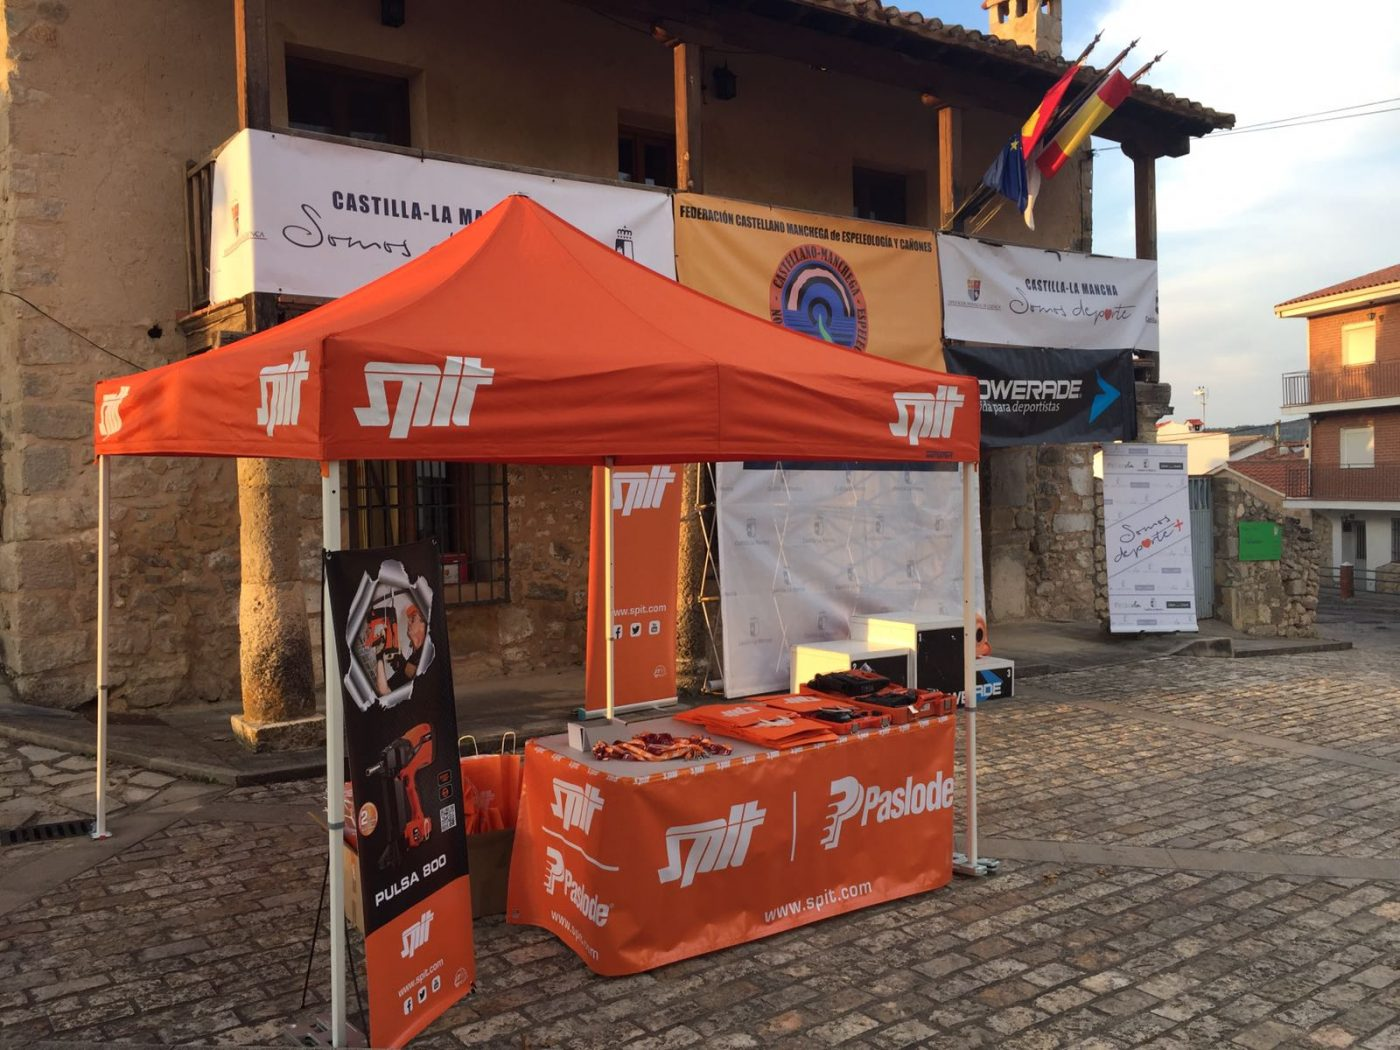 SPIT patrocina el Campeonato de Castilla-La Mancha de Descenso de Cañones